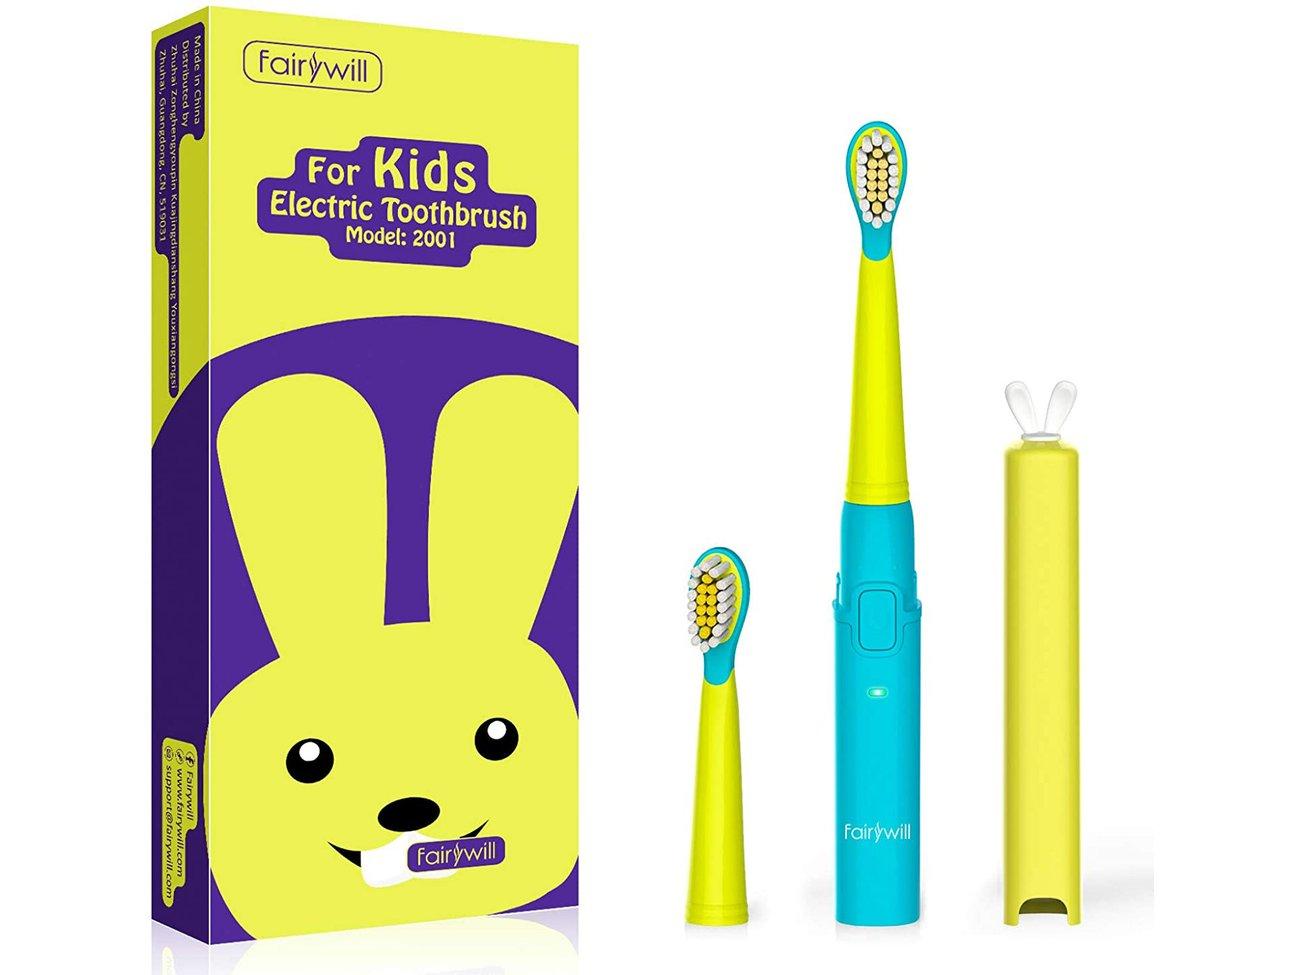 elektrische Zahnbürste Kinder Test Fairywill